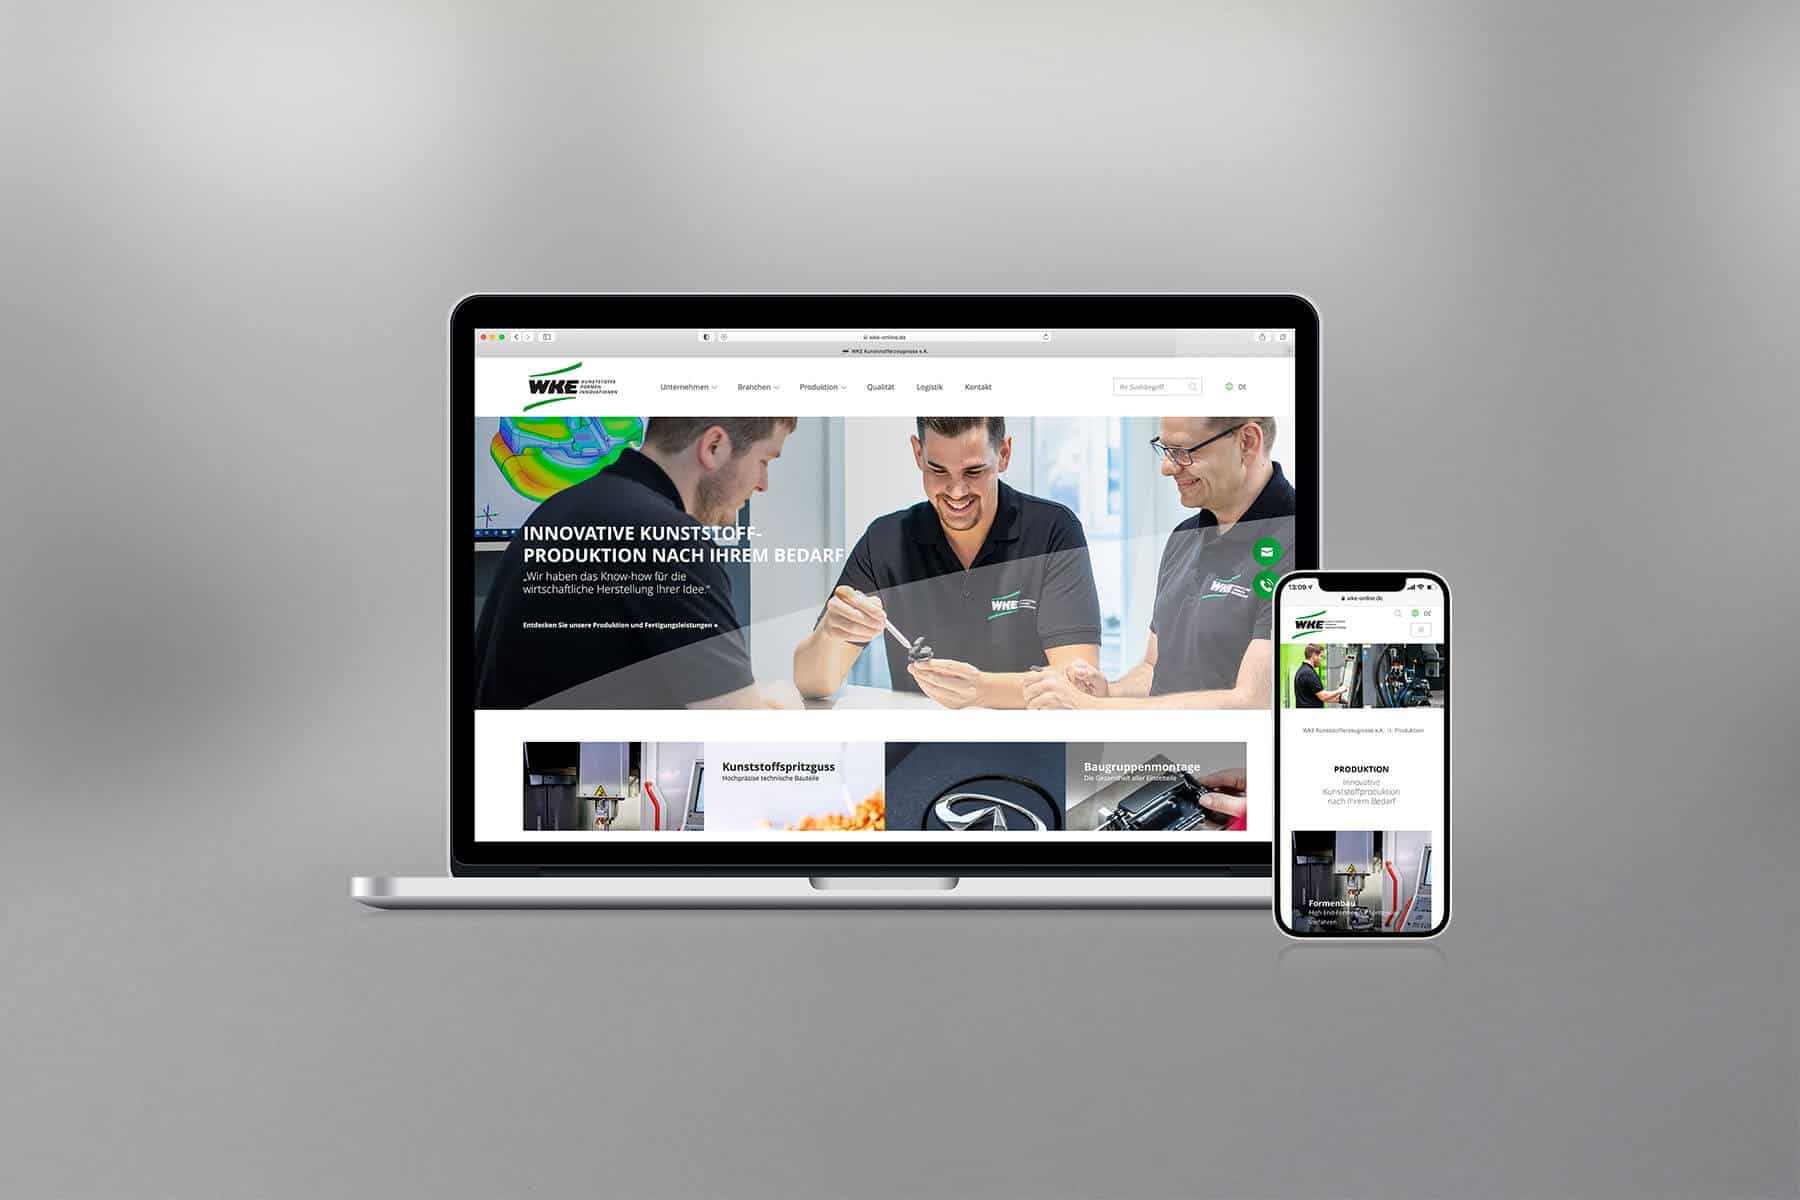 Agentur-Referenzen: Webdesign und TYPO3 Website für Fertigungsfirma und Kunststoffhersteller